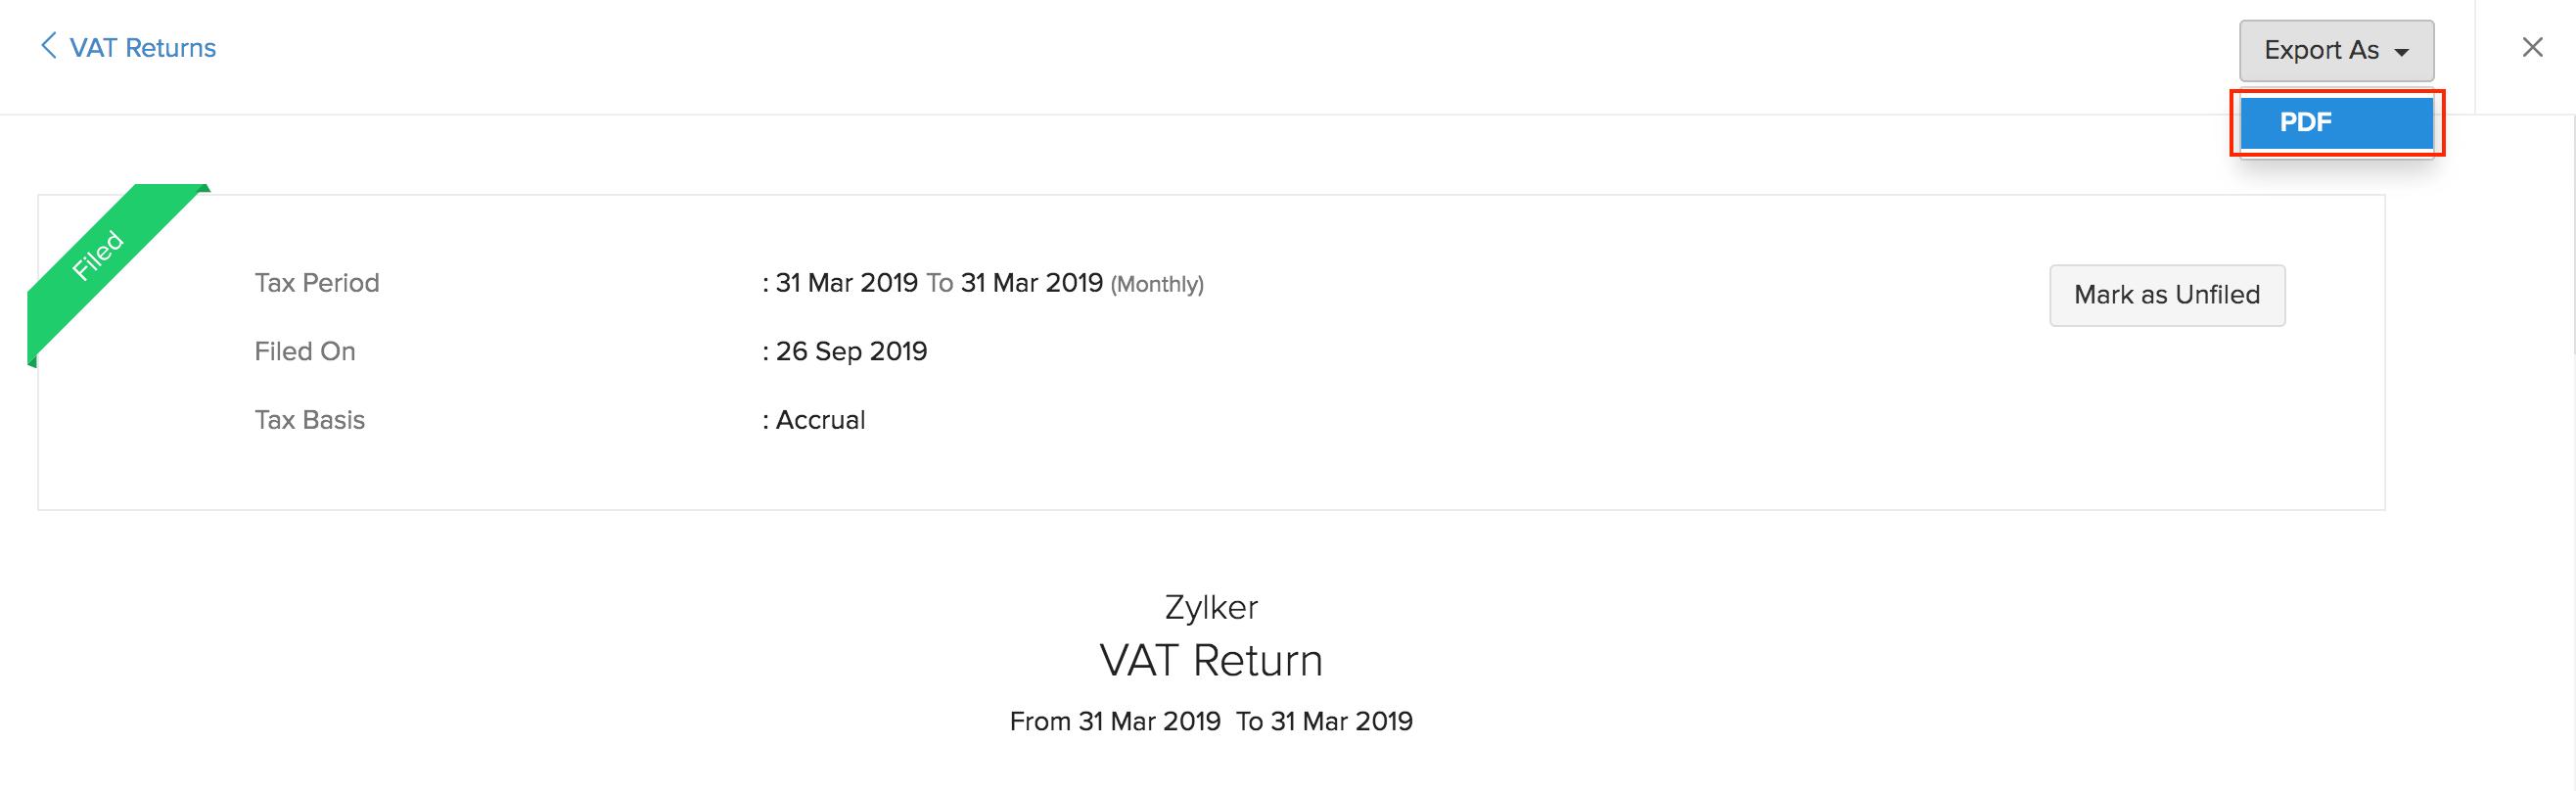 Vat Return PDF